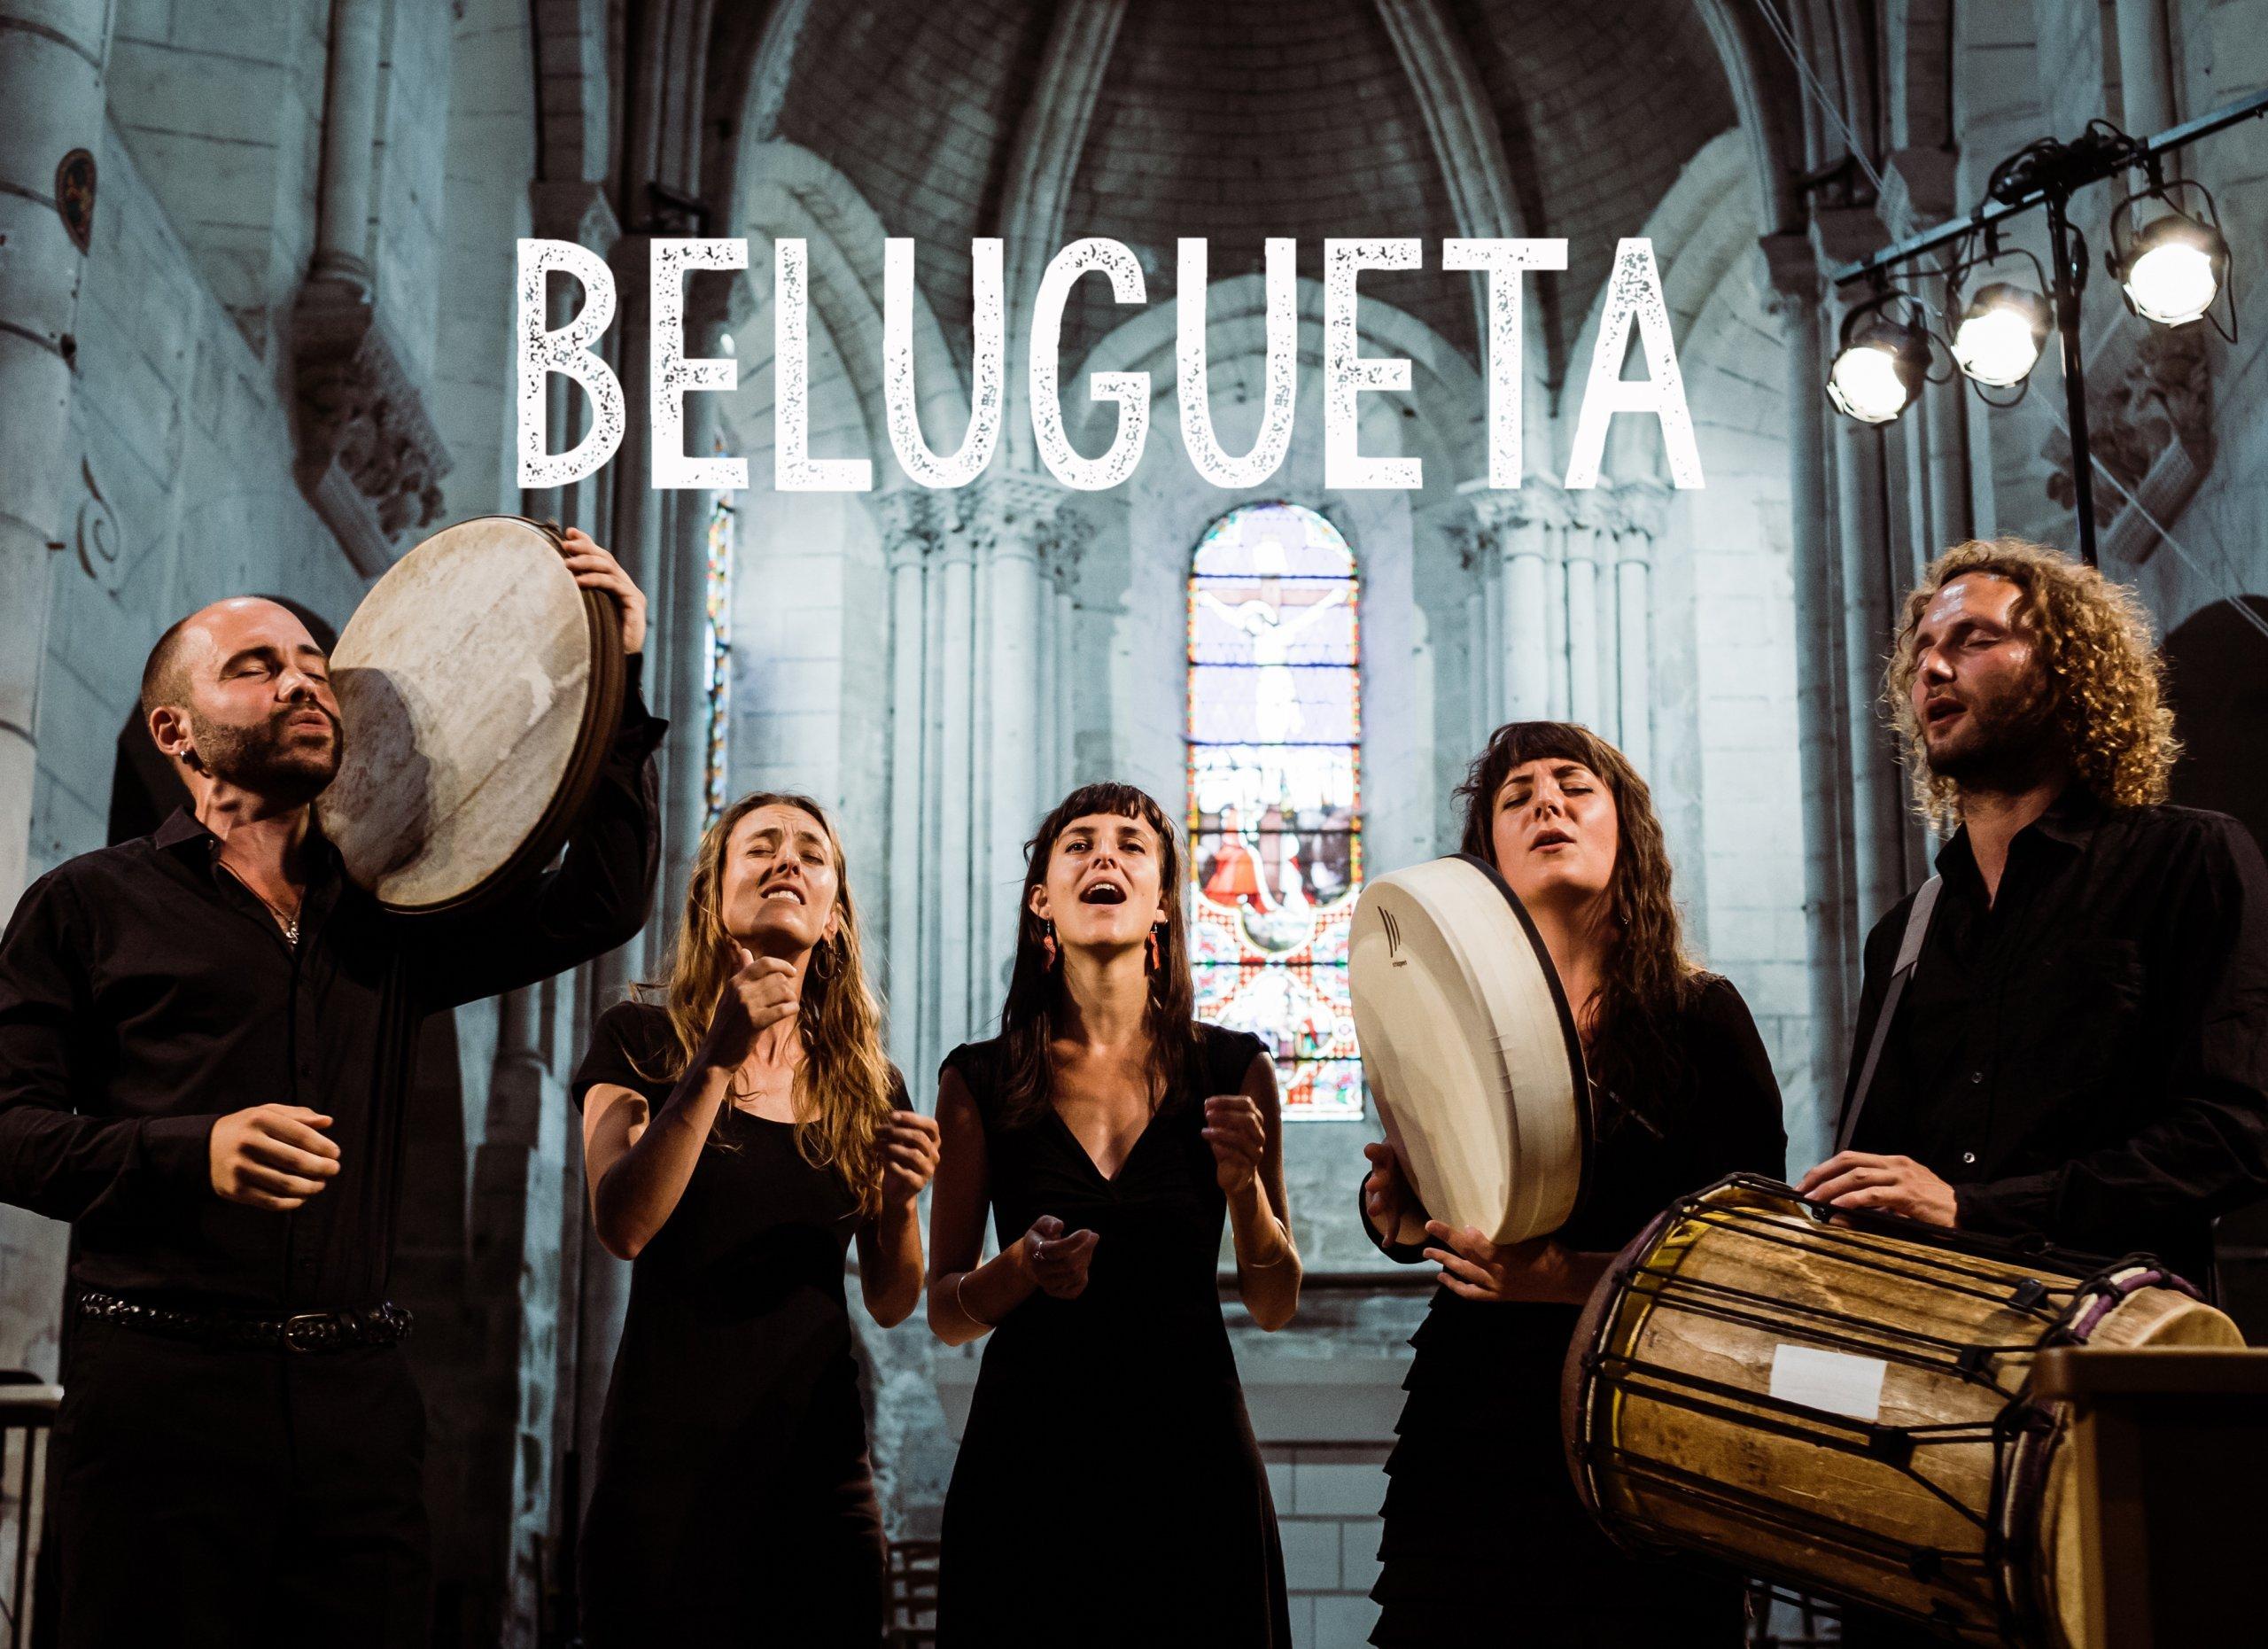 BELUGUETA